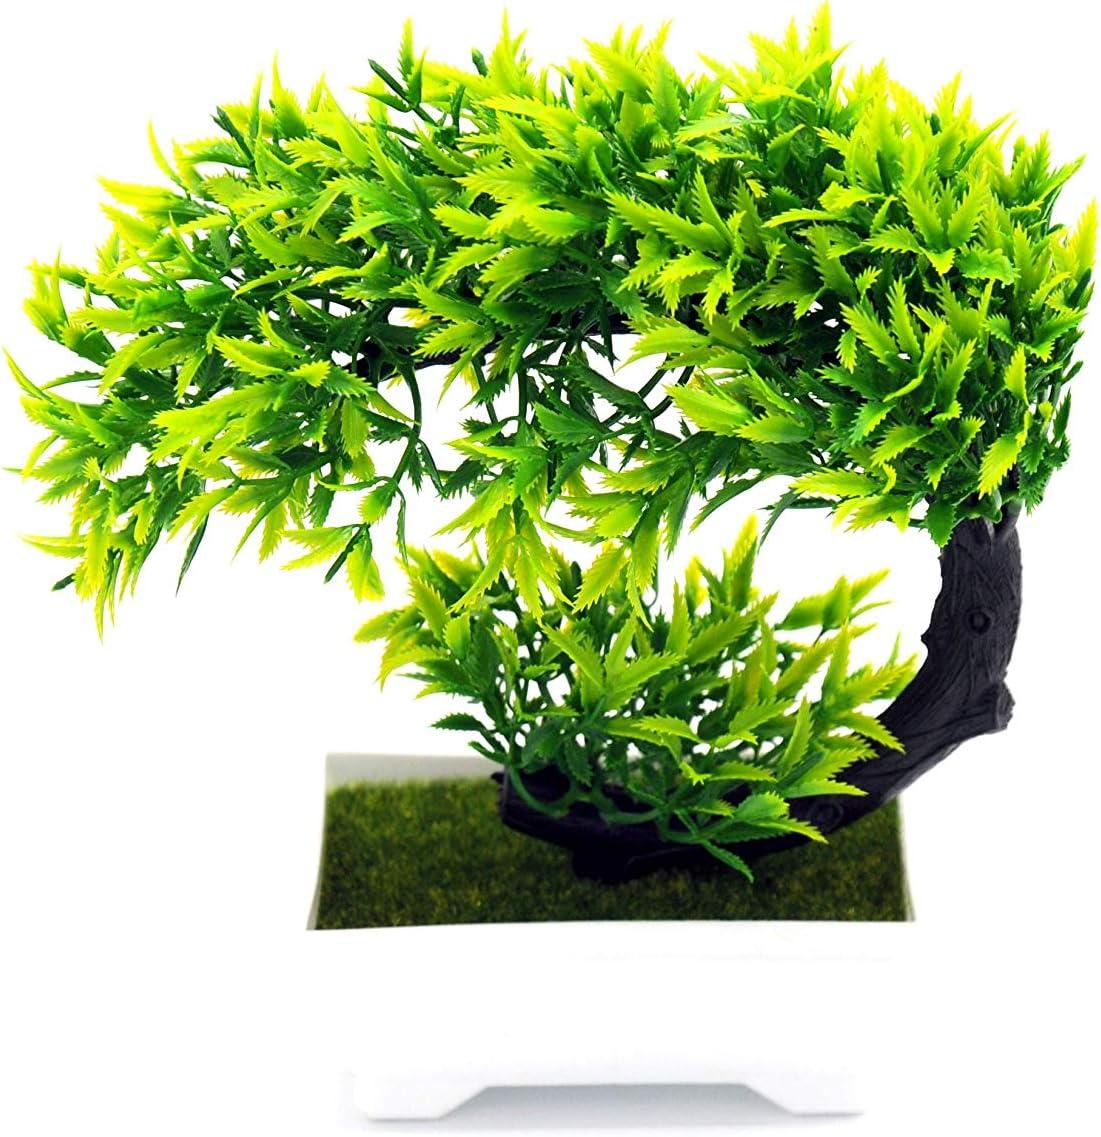 Artificial Plant Decoration Potted Artificial House Plants Amiable Japanese Pine Tree Bonsai Plant Desktop Display for Decoration Make Life Better Artificial Bonsai Tree Zen Garden D/écor